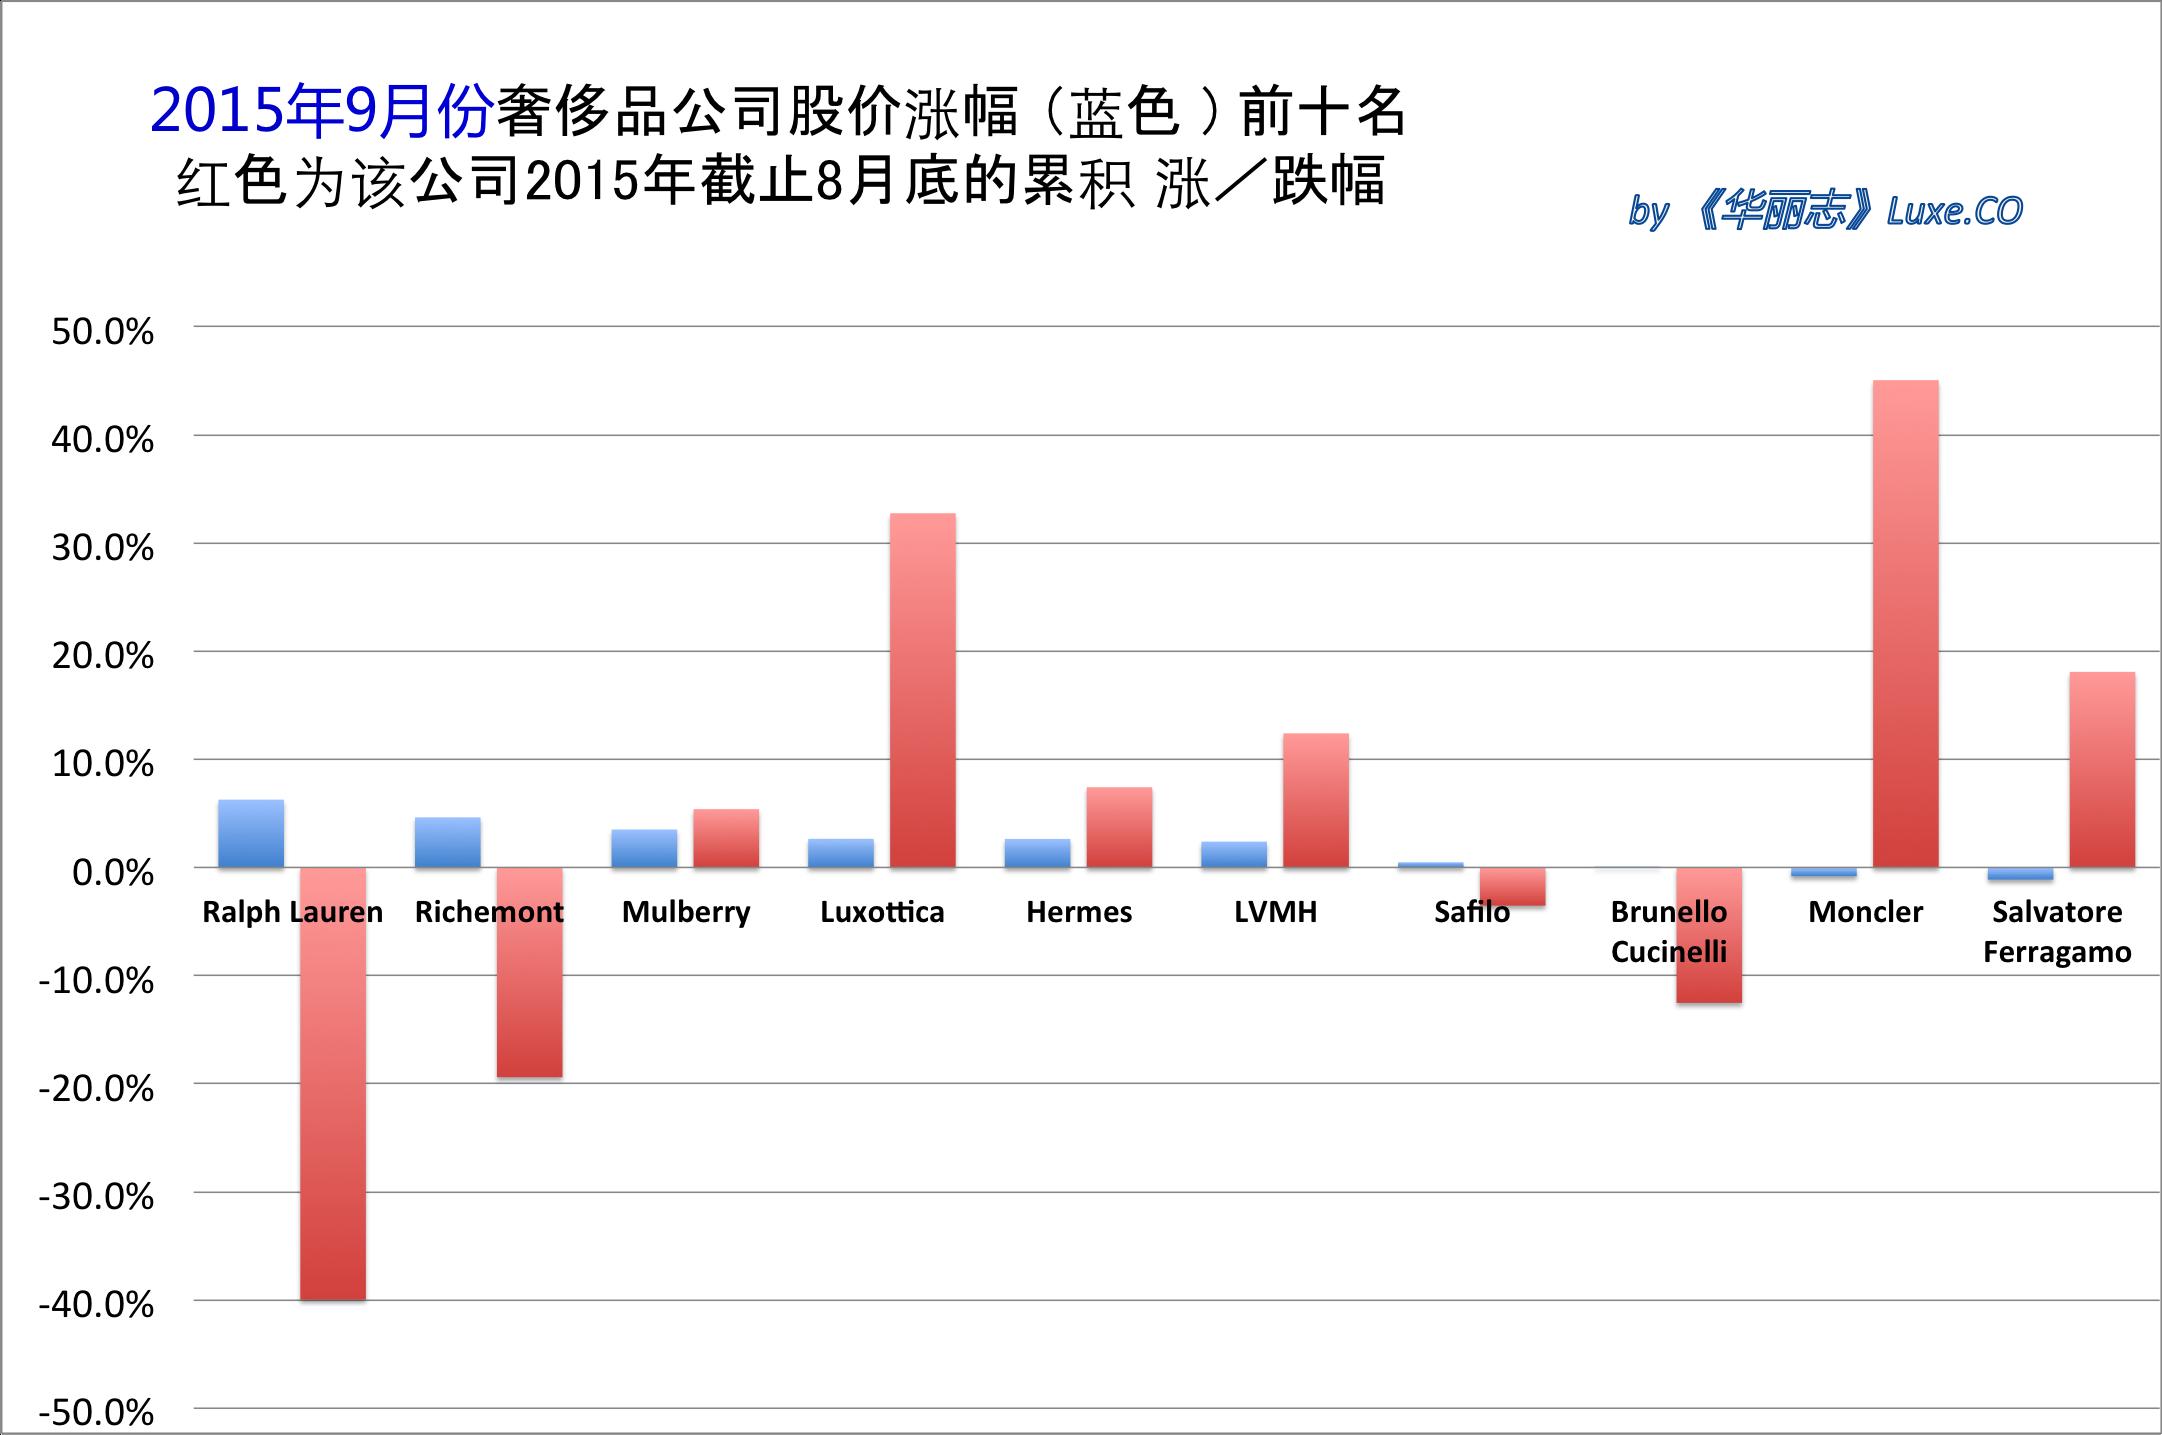 《华丽志》奢侈品股票月度排行榜 (2015年9月)